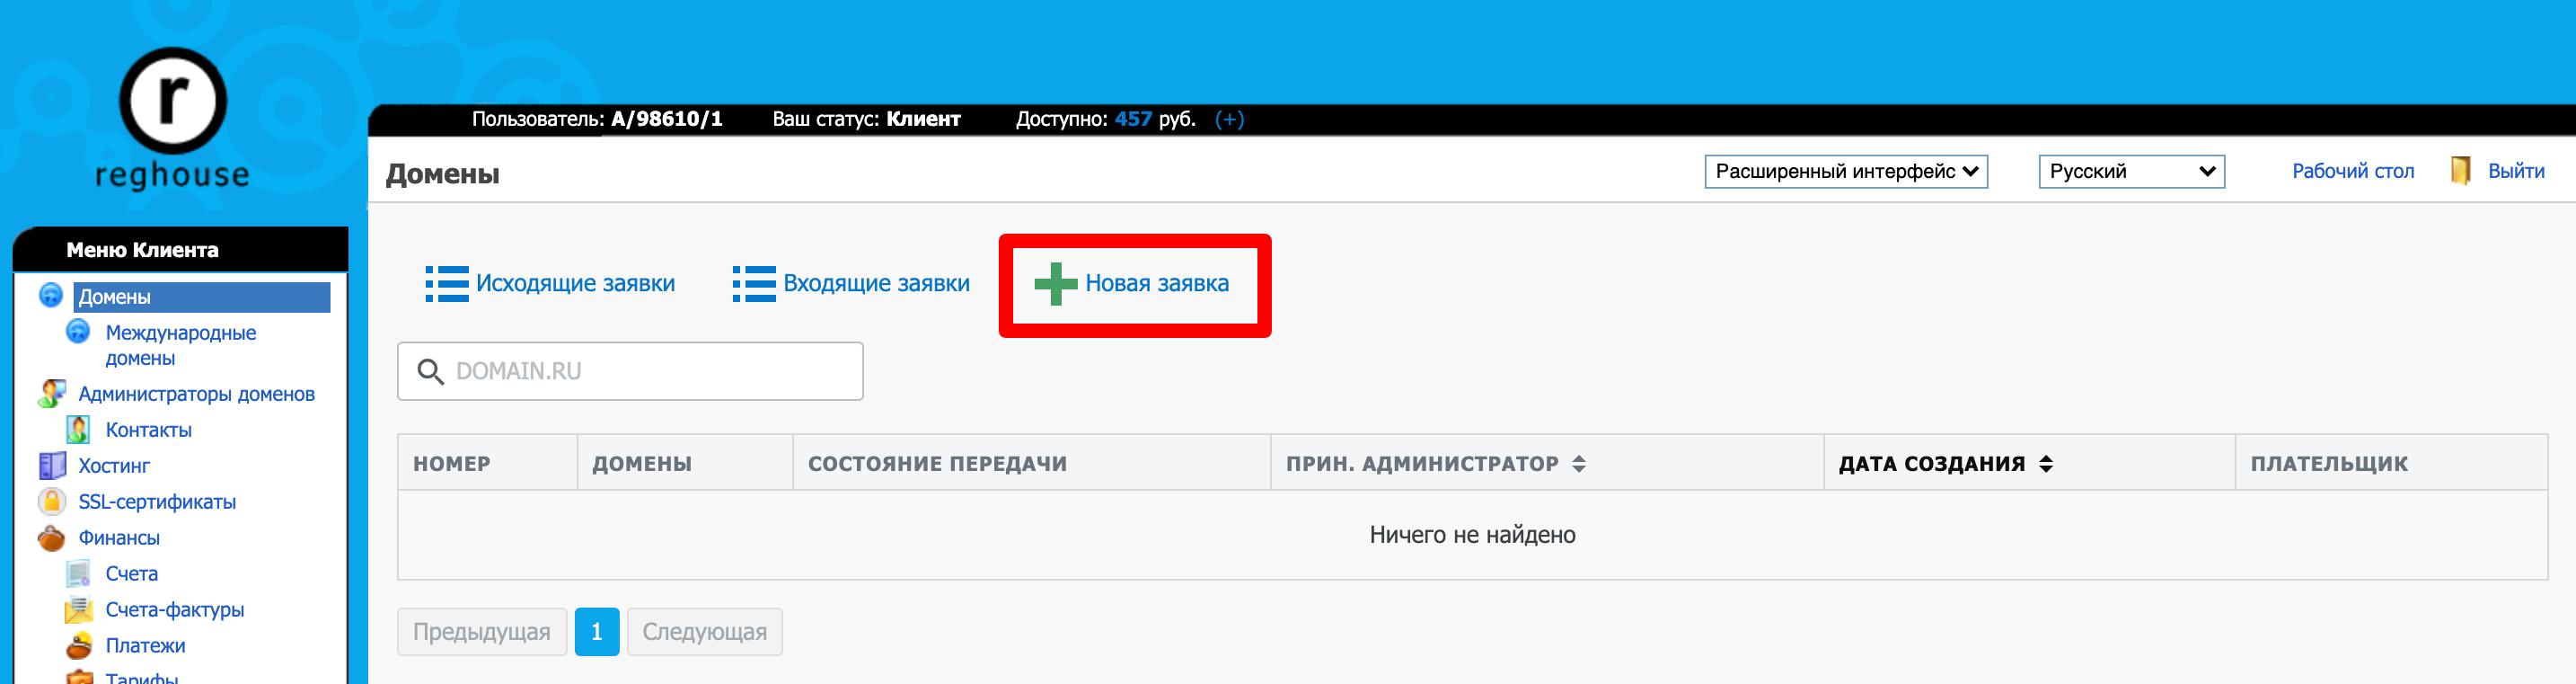 Подача новой заявки на онлайн-передачу домена